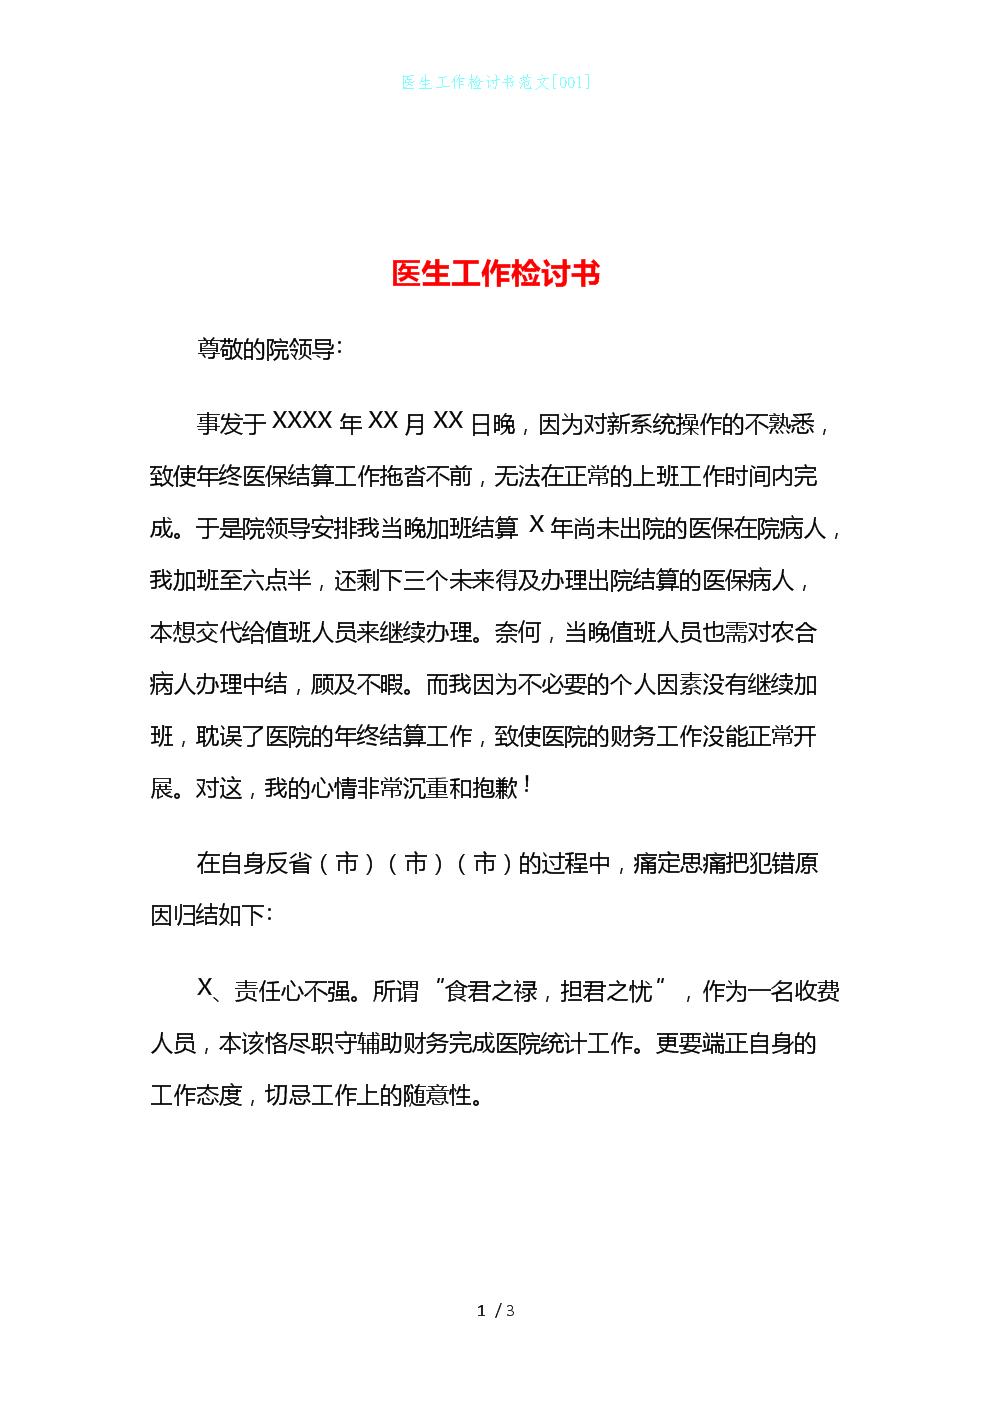 医生工作检讨书范文[001].doc